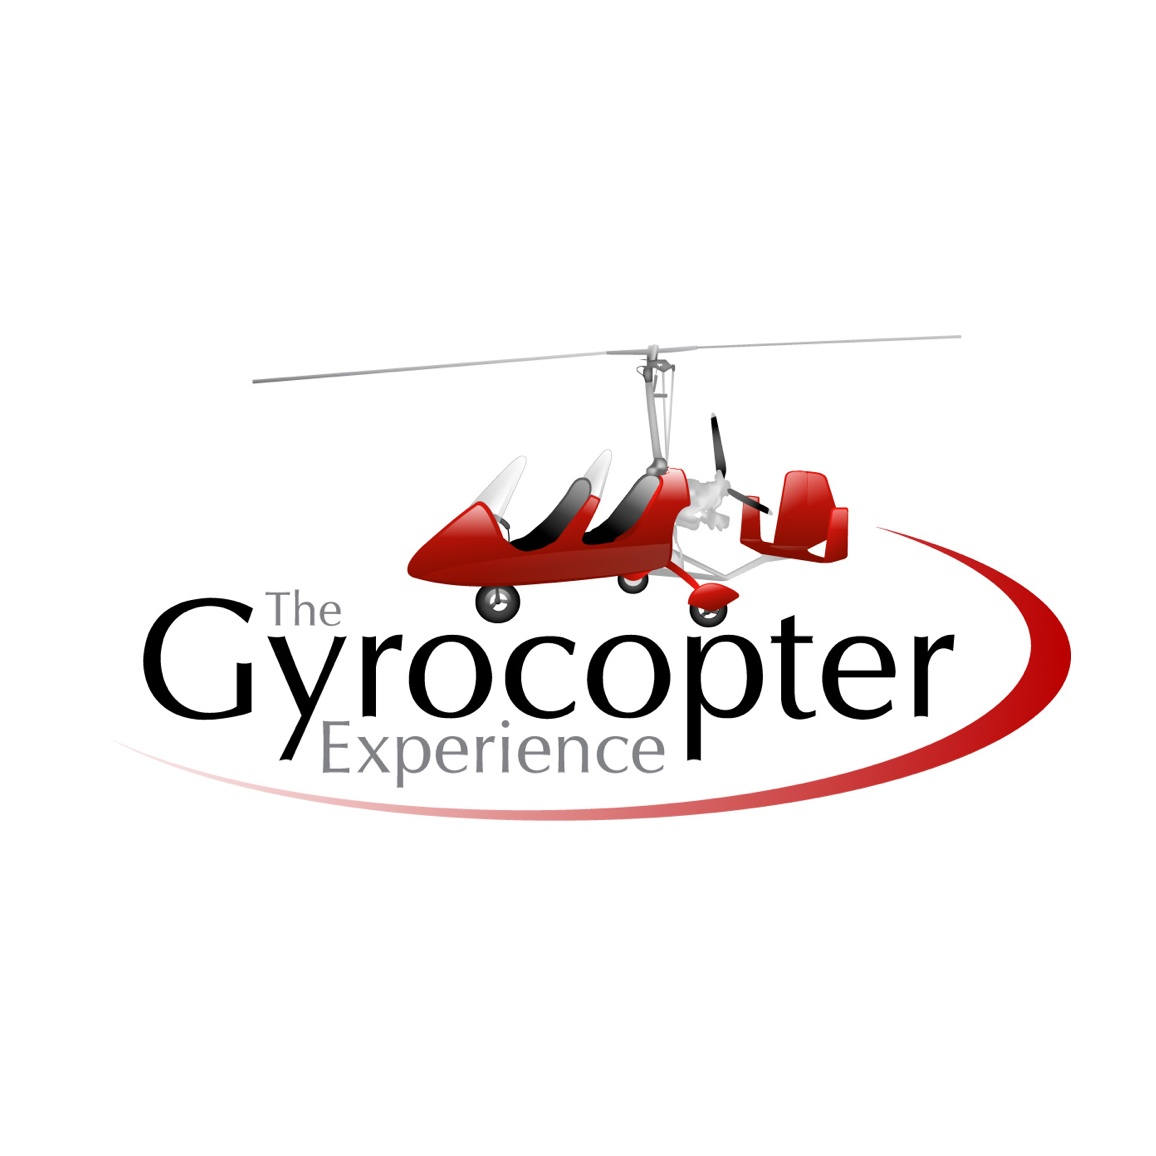 La experiencia de Gyrocopter Devon